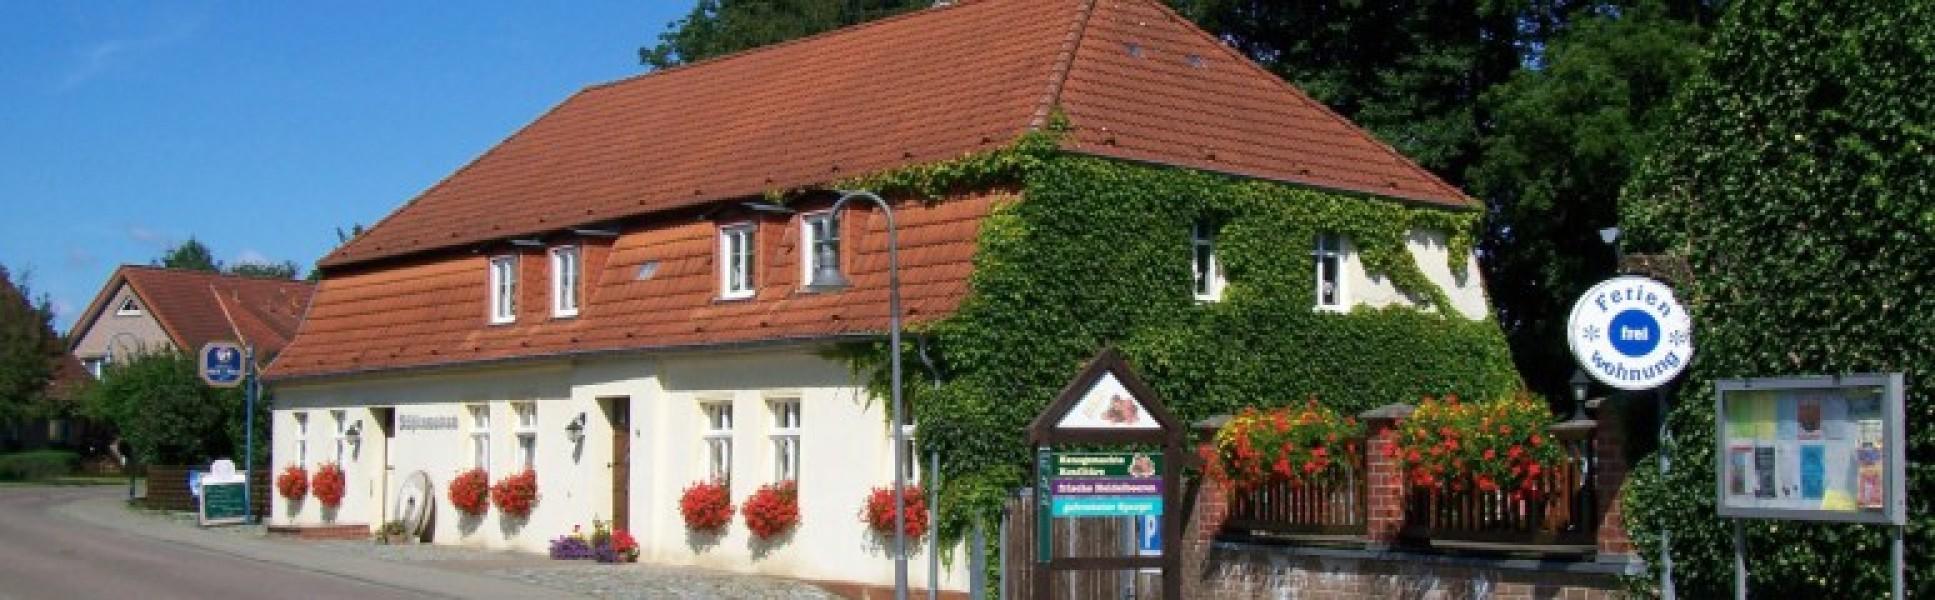 Bild 1 Spargel- und Beerenhof Dorf Zechlin